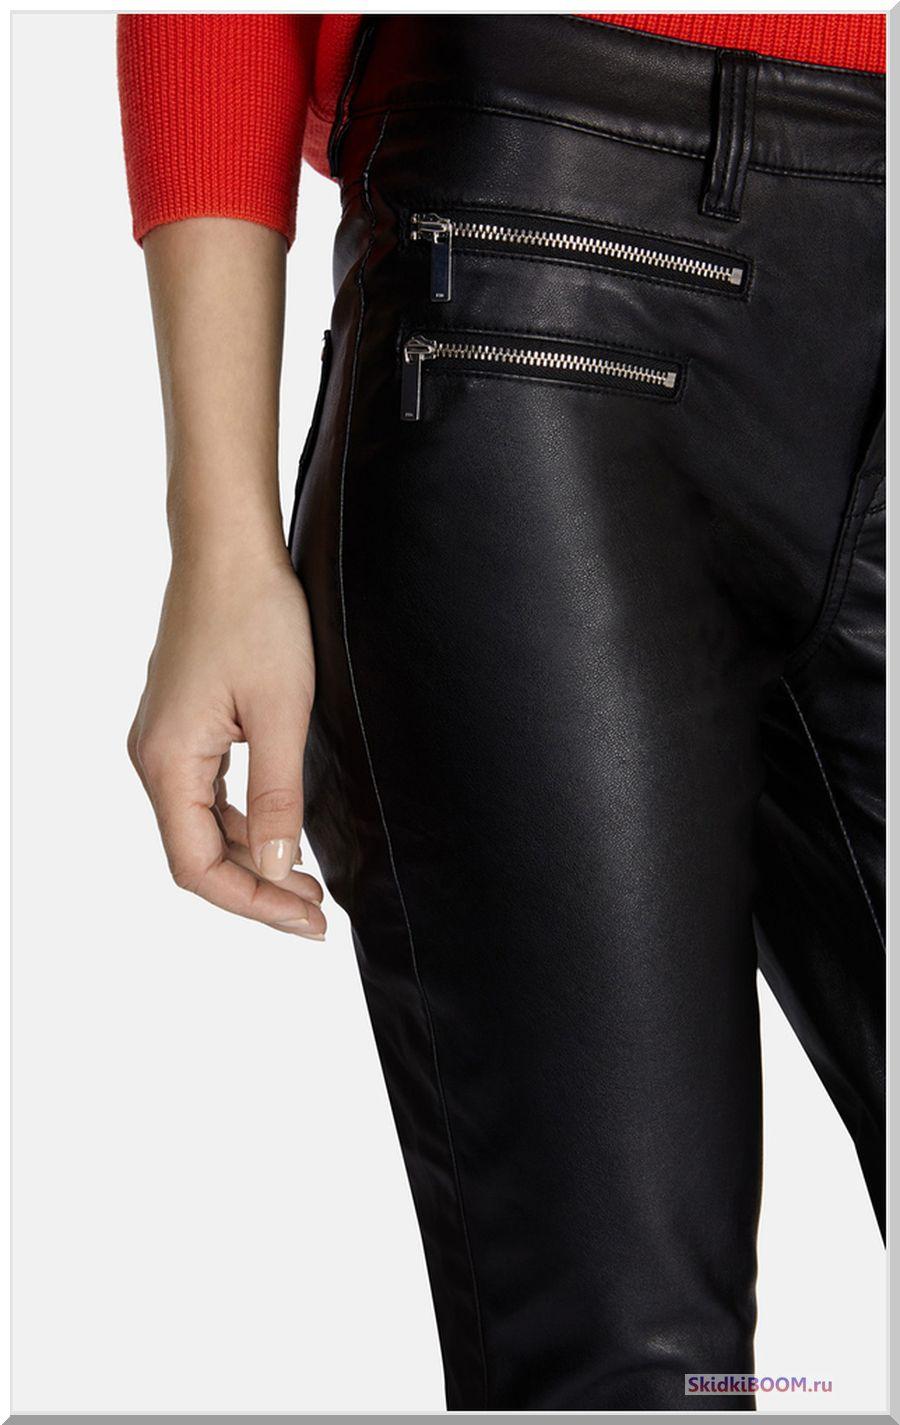 Какие женские брюки в моде - из кожи